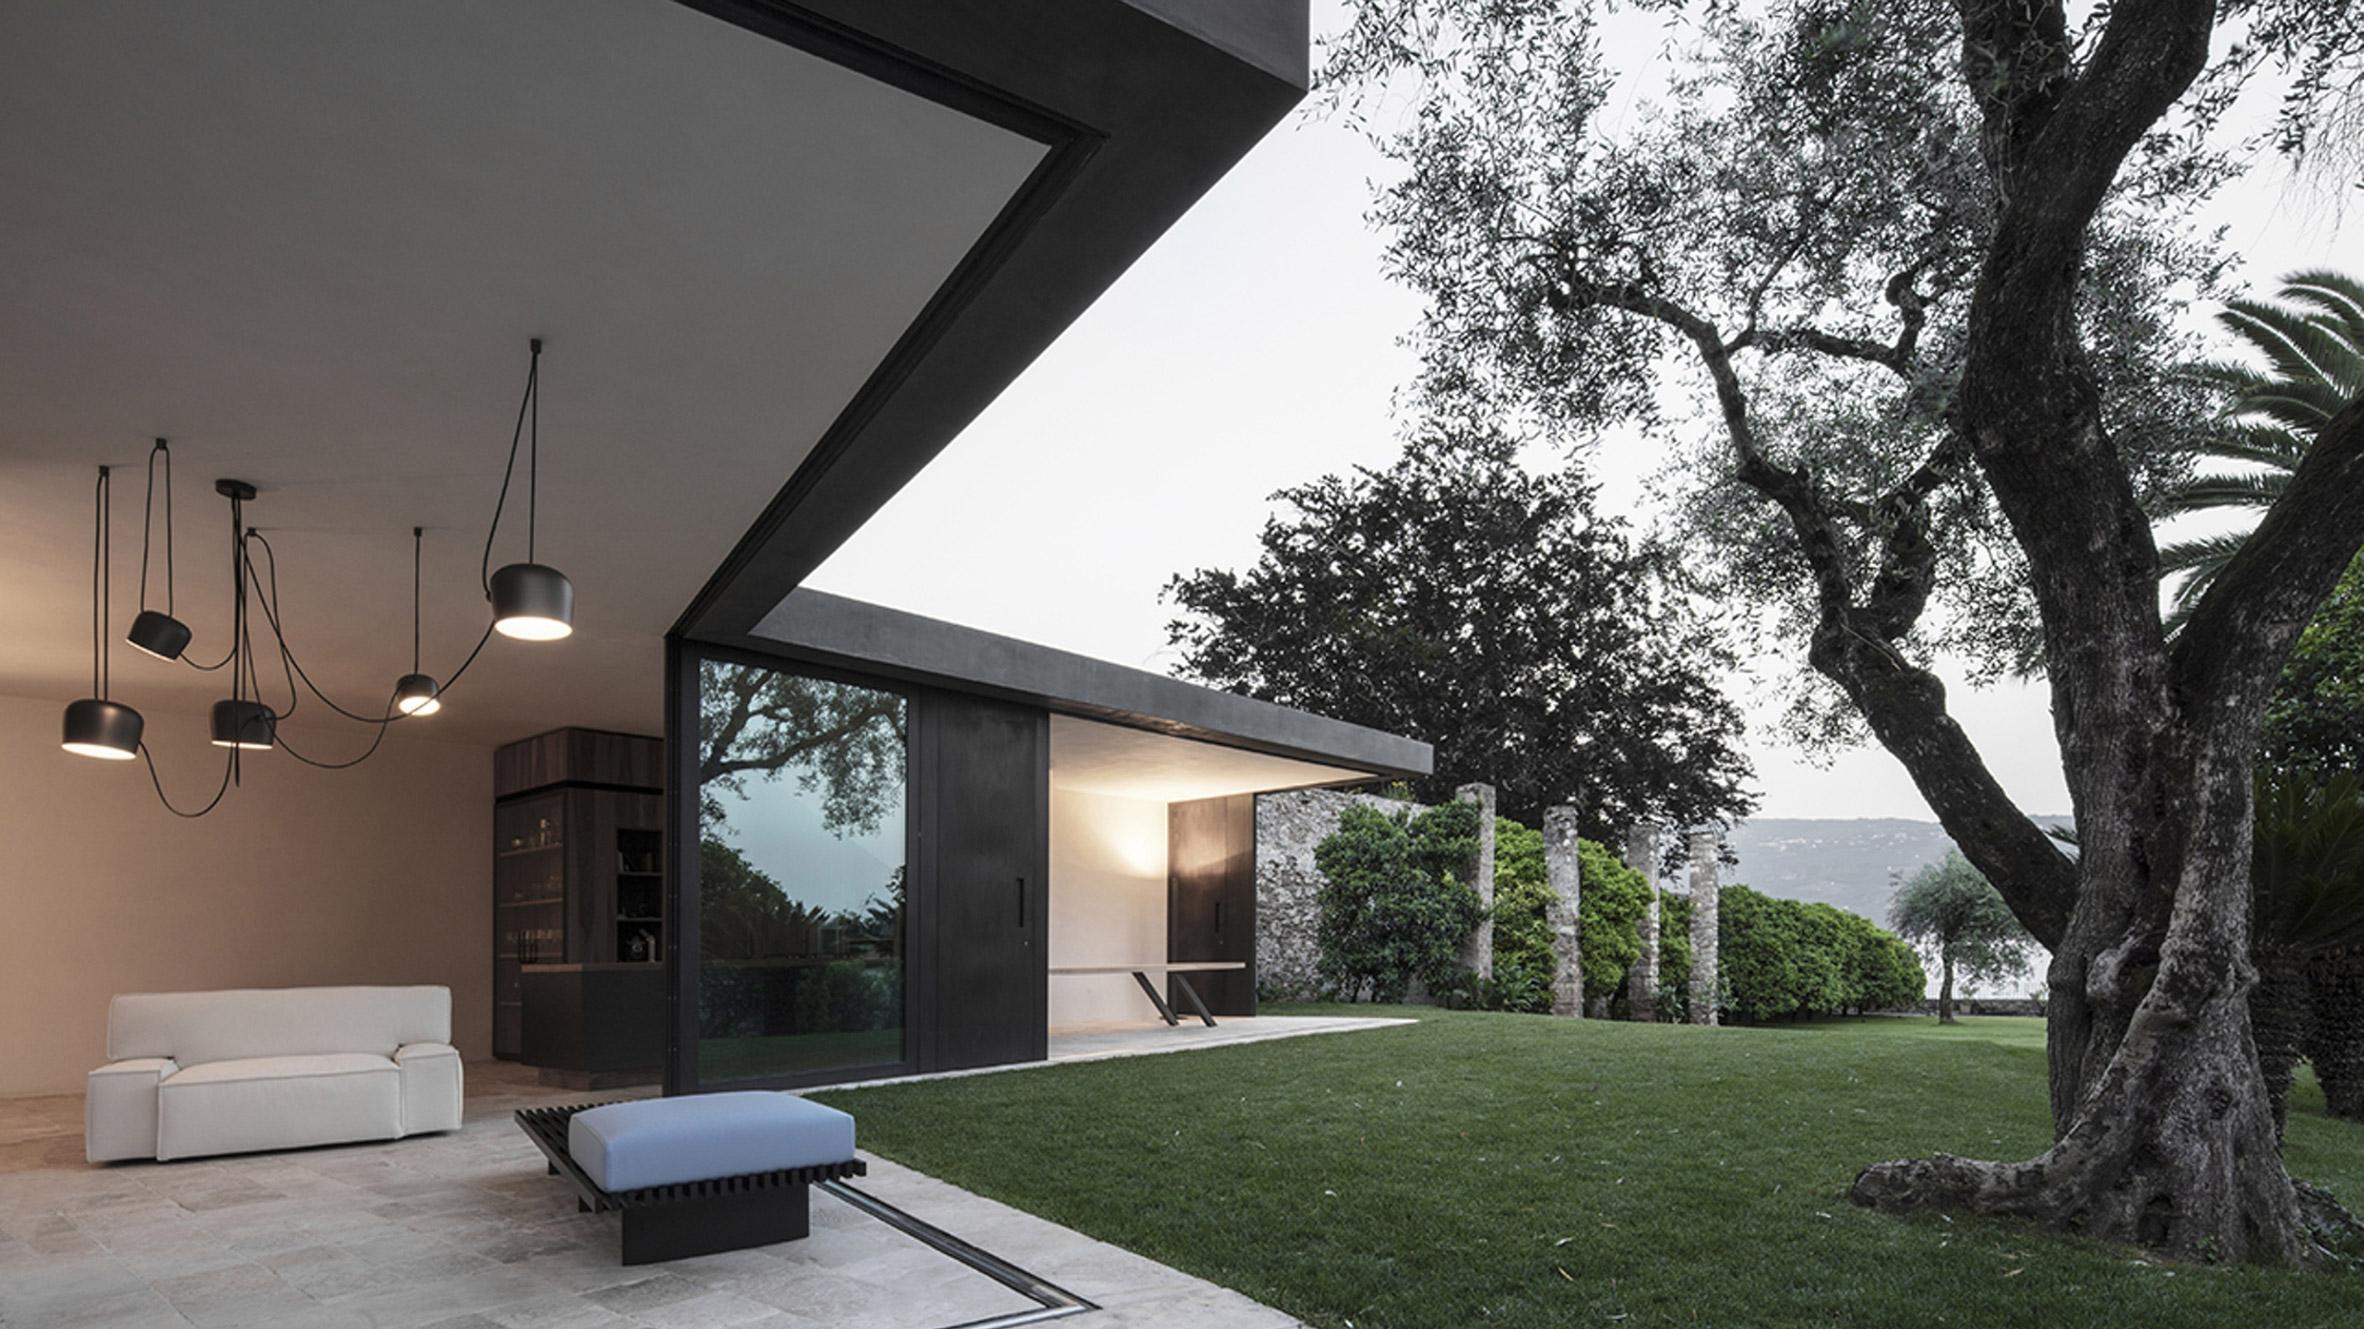 Vertically sliding walls open Italian villa extension to the garden